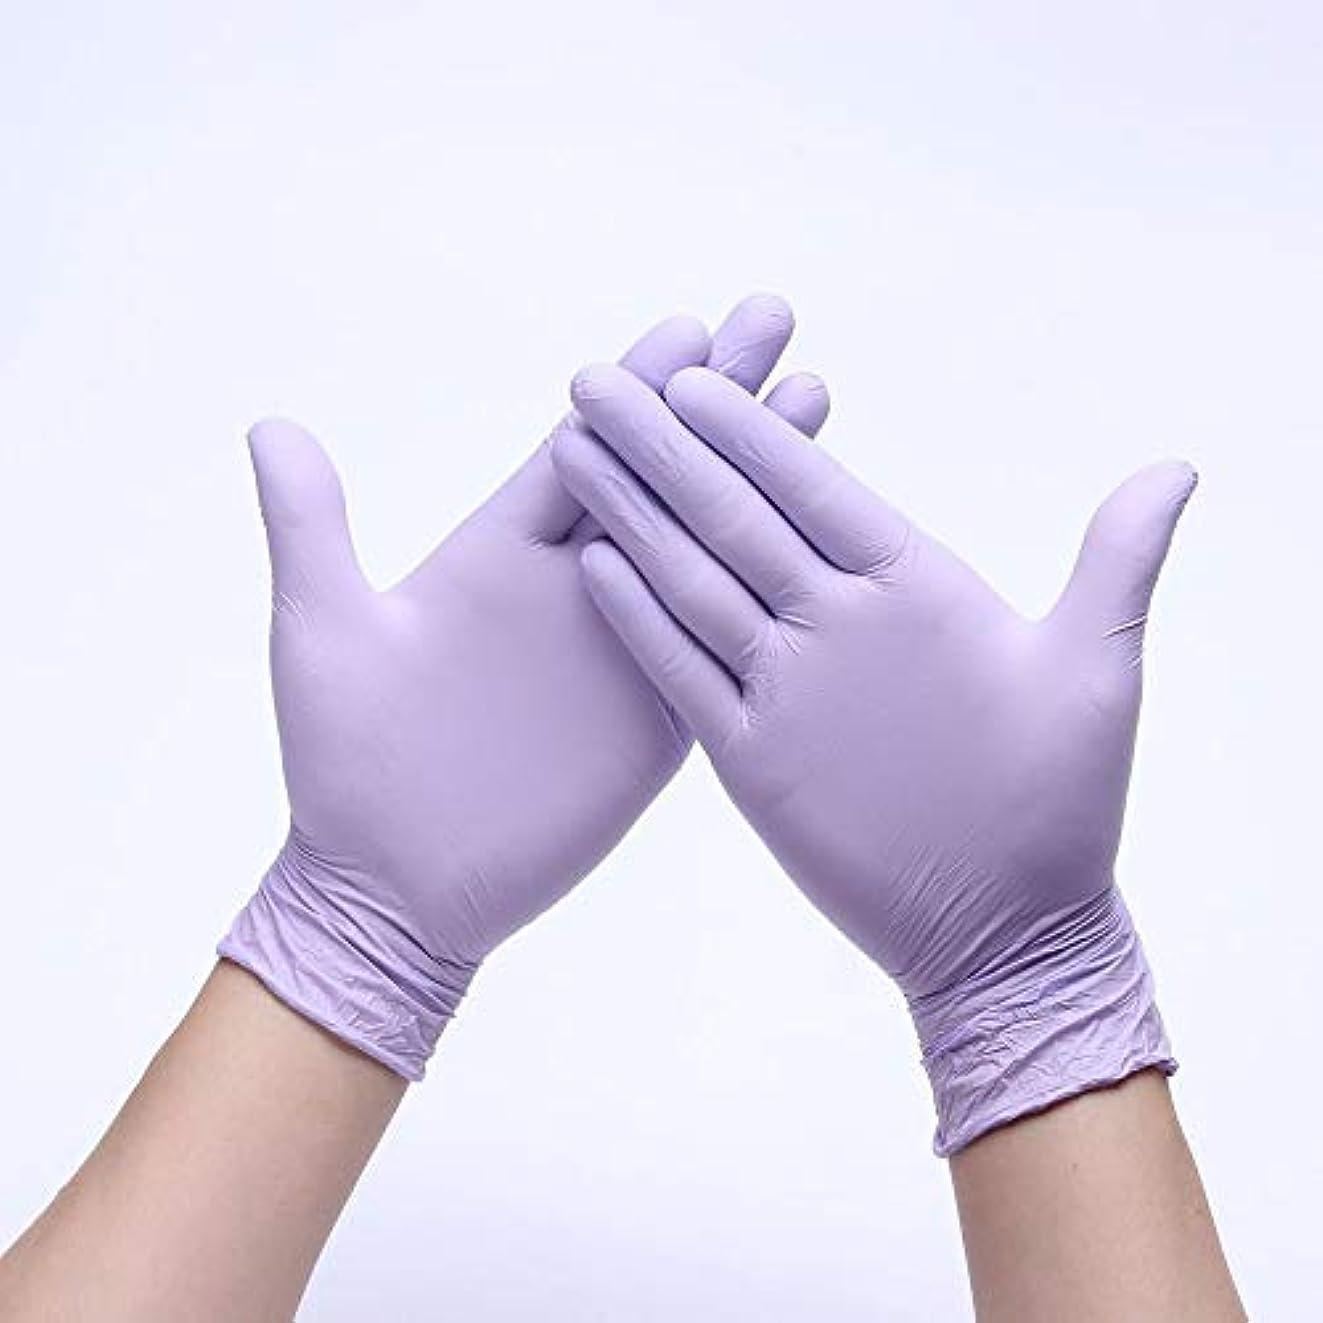 について試みるシェフ病院ラテックス、ニトリルゴム抗油実験家事手袋、100パーパック、家事実験 (Color : Purple, Size : S)